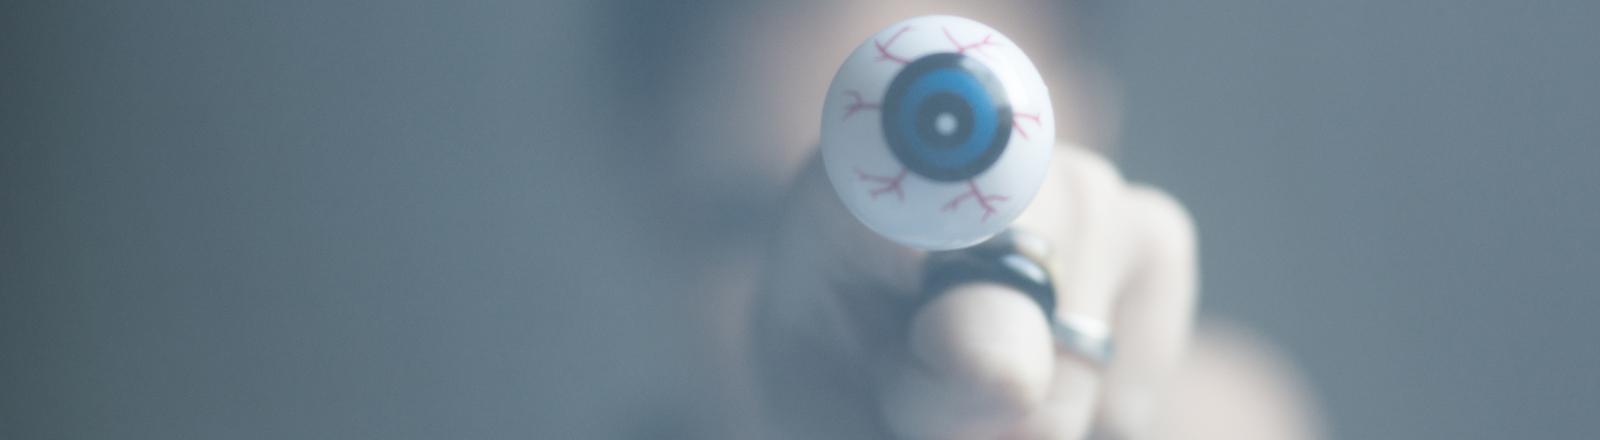 Eine Frau hält einen Ring in Form eines großen Auges vor sich in die Kamera.